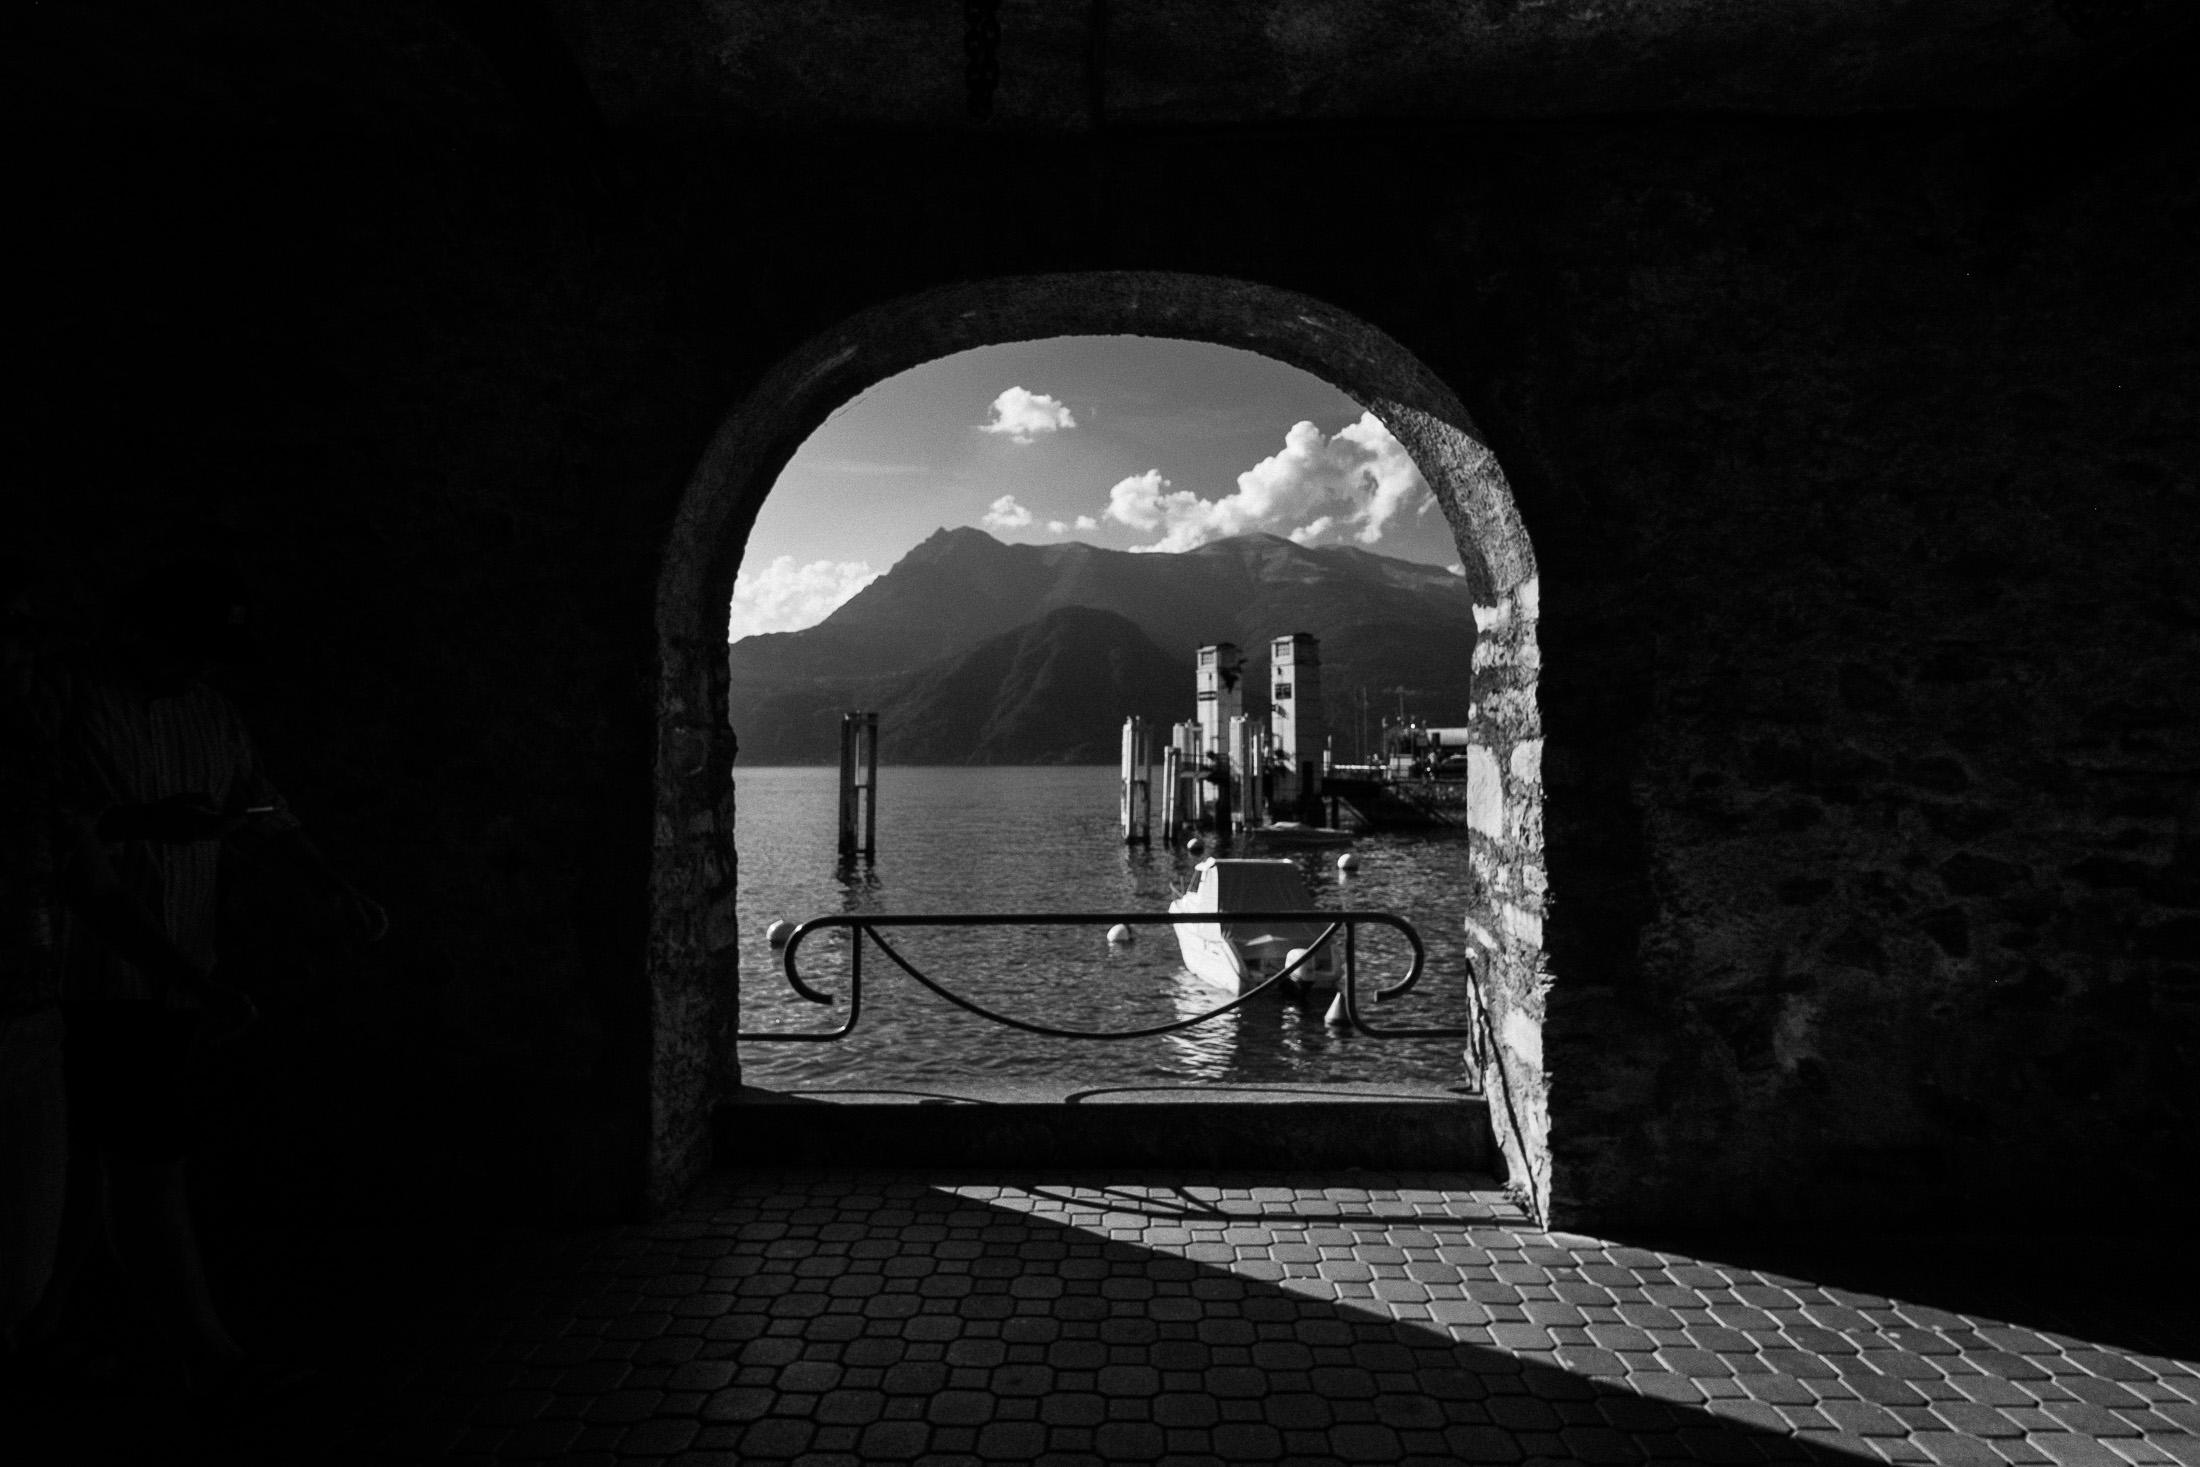 Lake Como, Varenna, Italy.    Fuji XT2 w/ Samyang 12mm f2.0